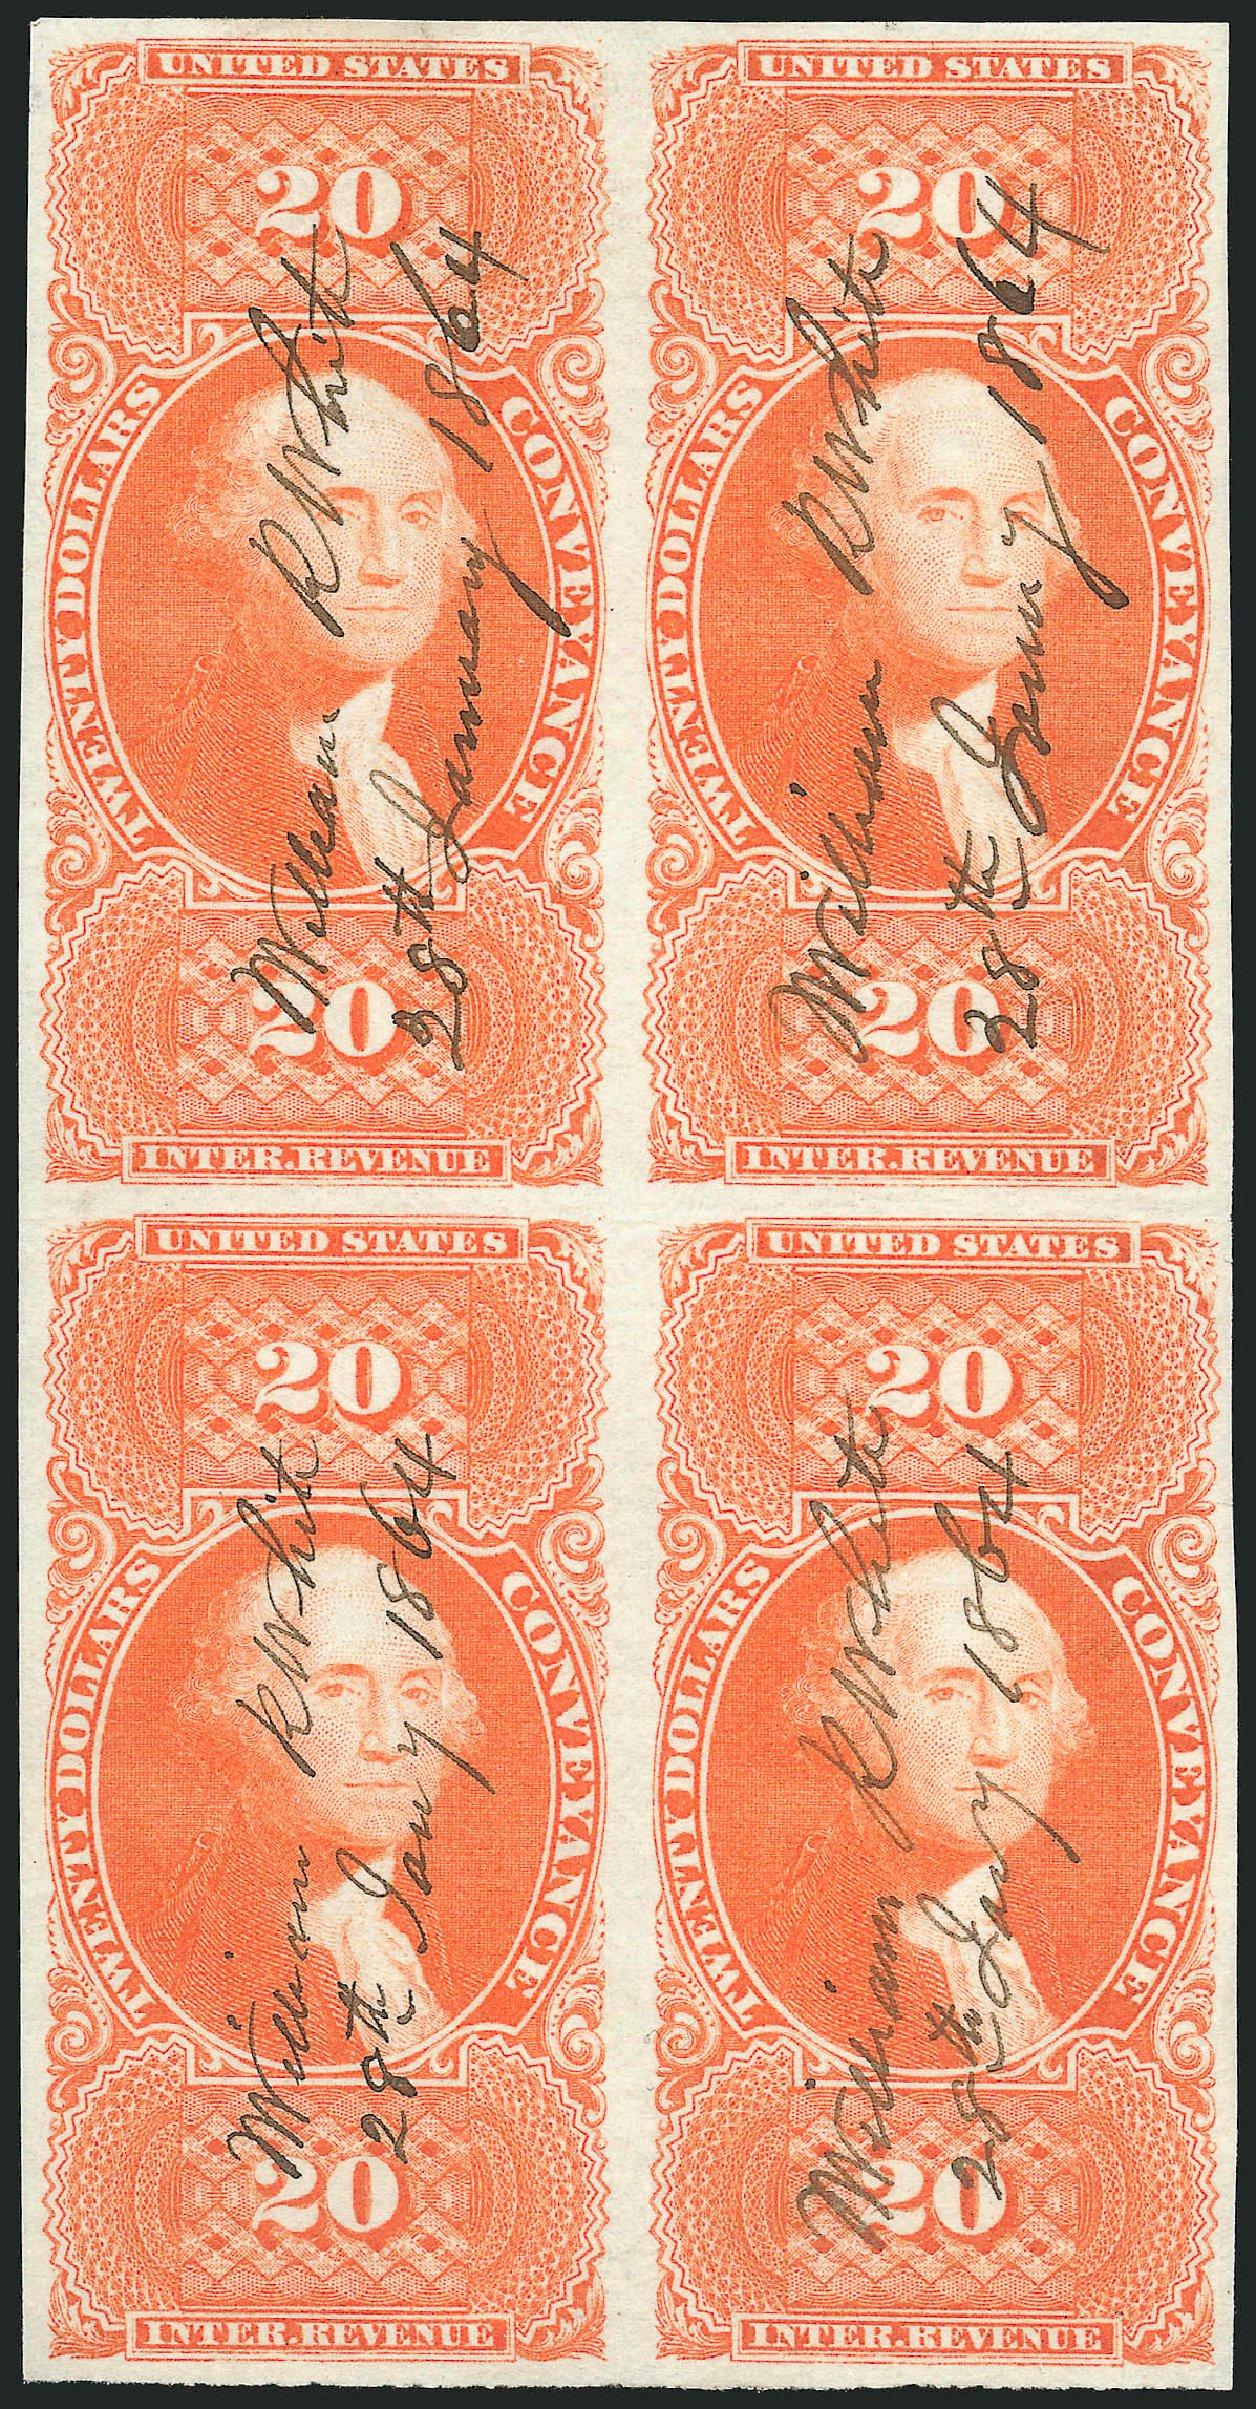 Value of US Stamps Scott Catalog #R98 - 1862 US$20.00 Revenue Conveyance. Robert Siegel Auction Galleries, Dec 2014, Sale 1089, Lot 379